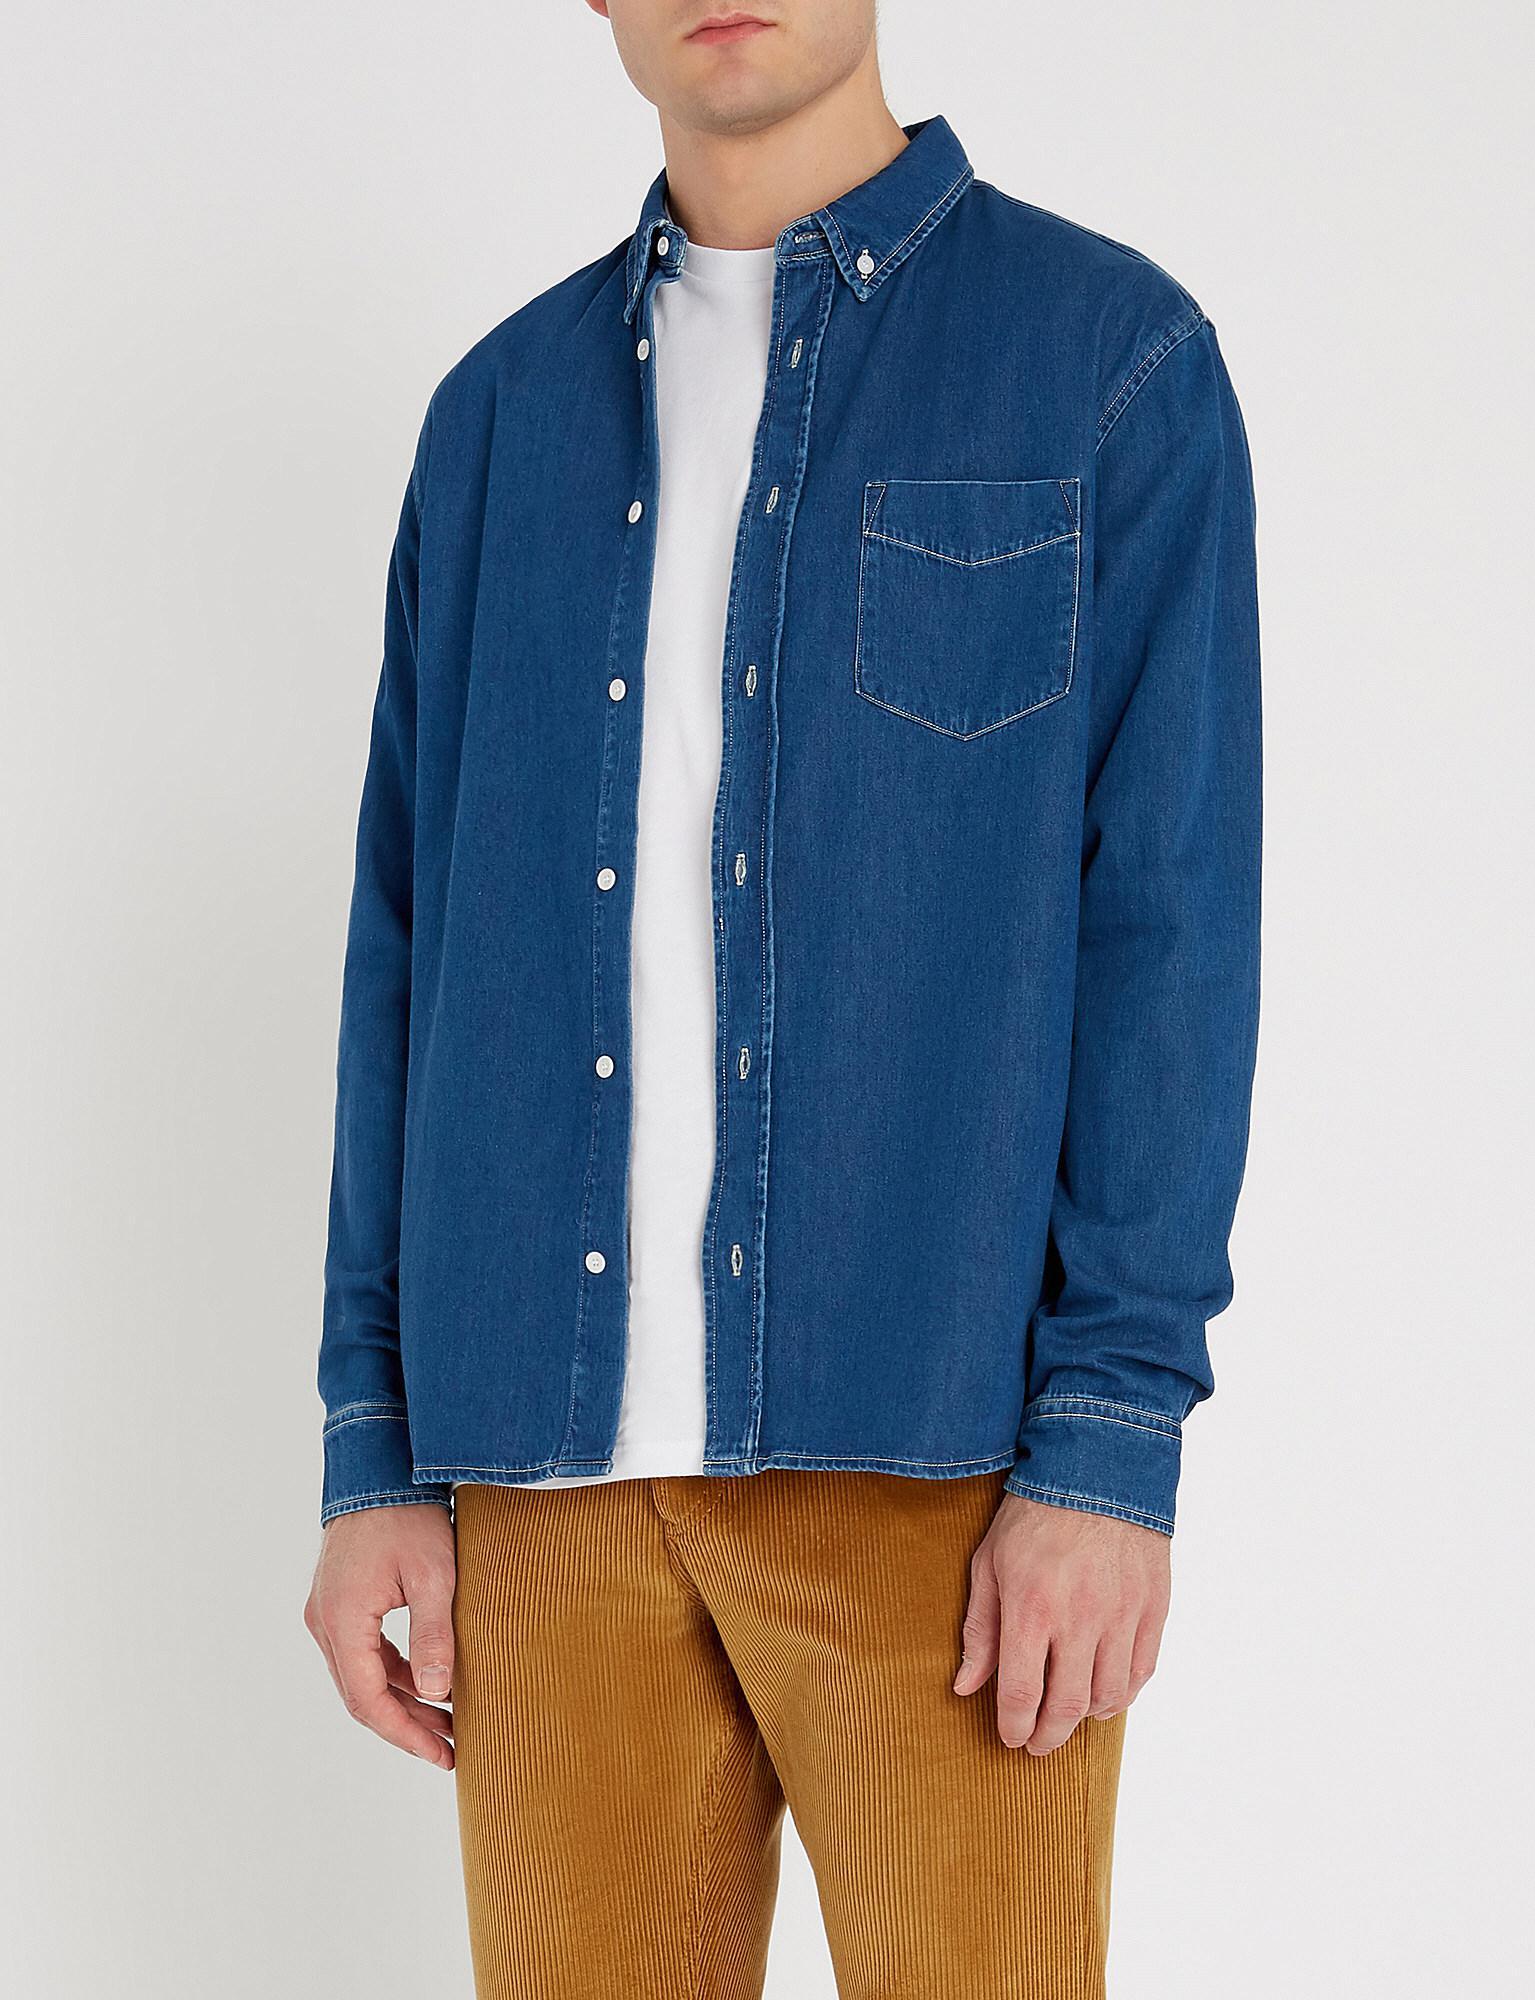 Regular In For Fit Men Blue Denim Sandro Lyst Shirt Adw7qqg